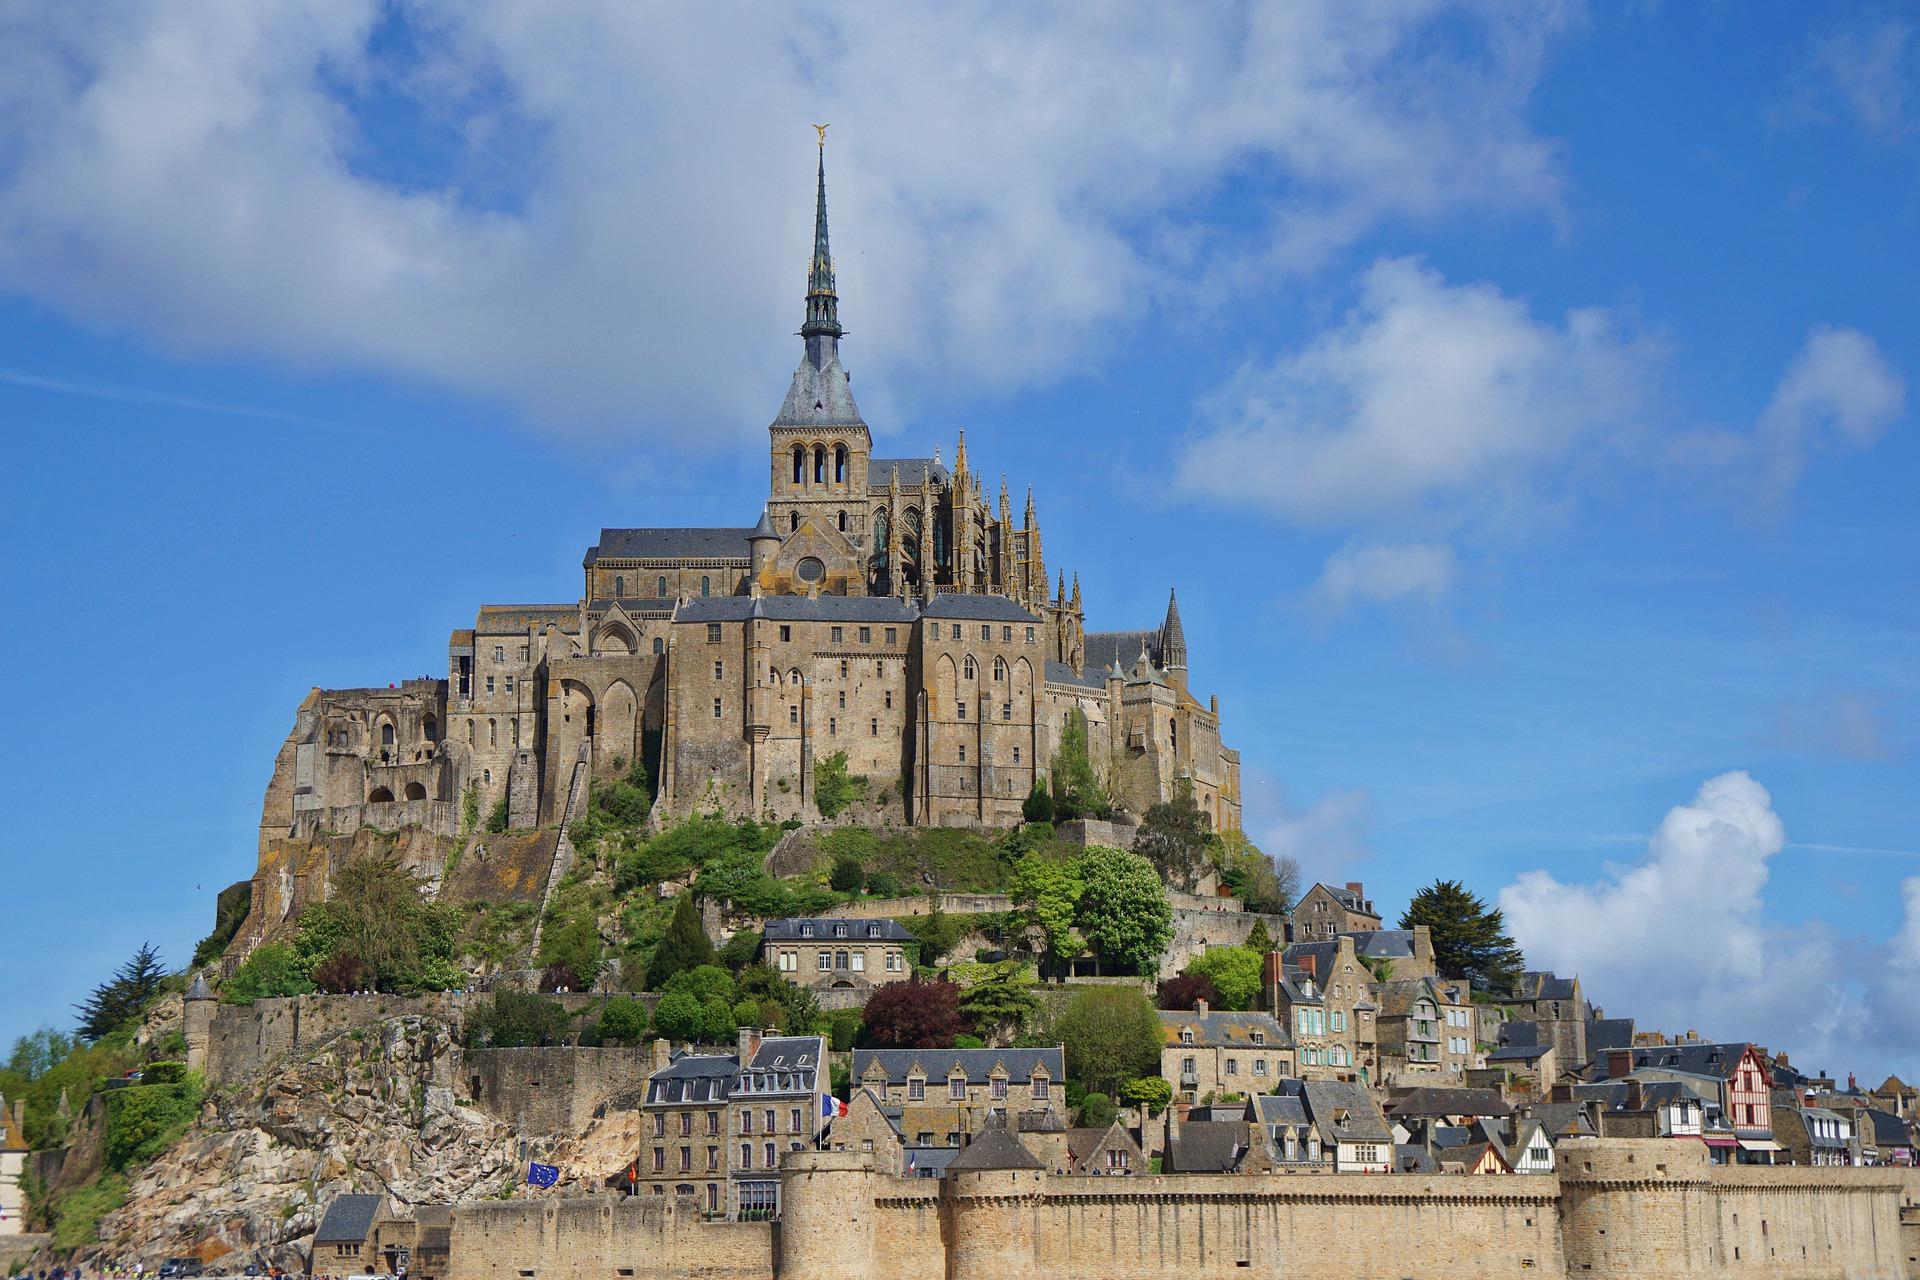 Package France Mont Saint Michel 8D5N ไม่รวมตั๋วเครื่องบิน เที่ยวด้วยตัวเอง ราคาเริ่มต้น 46,000 บาท เหมาะสำหรับผู้ที่ใช้ภาษาอังกฤษได้เท่านั้น